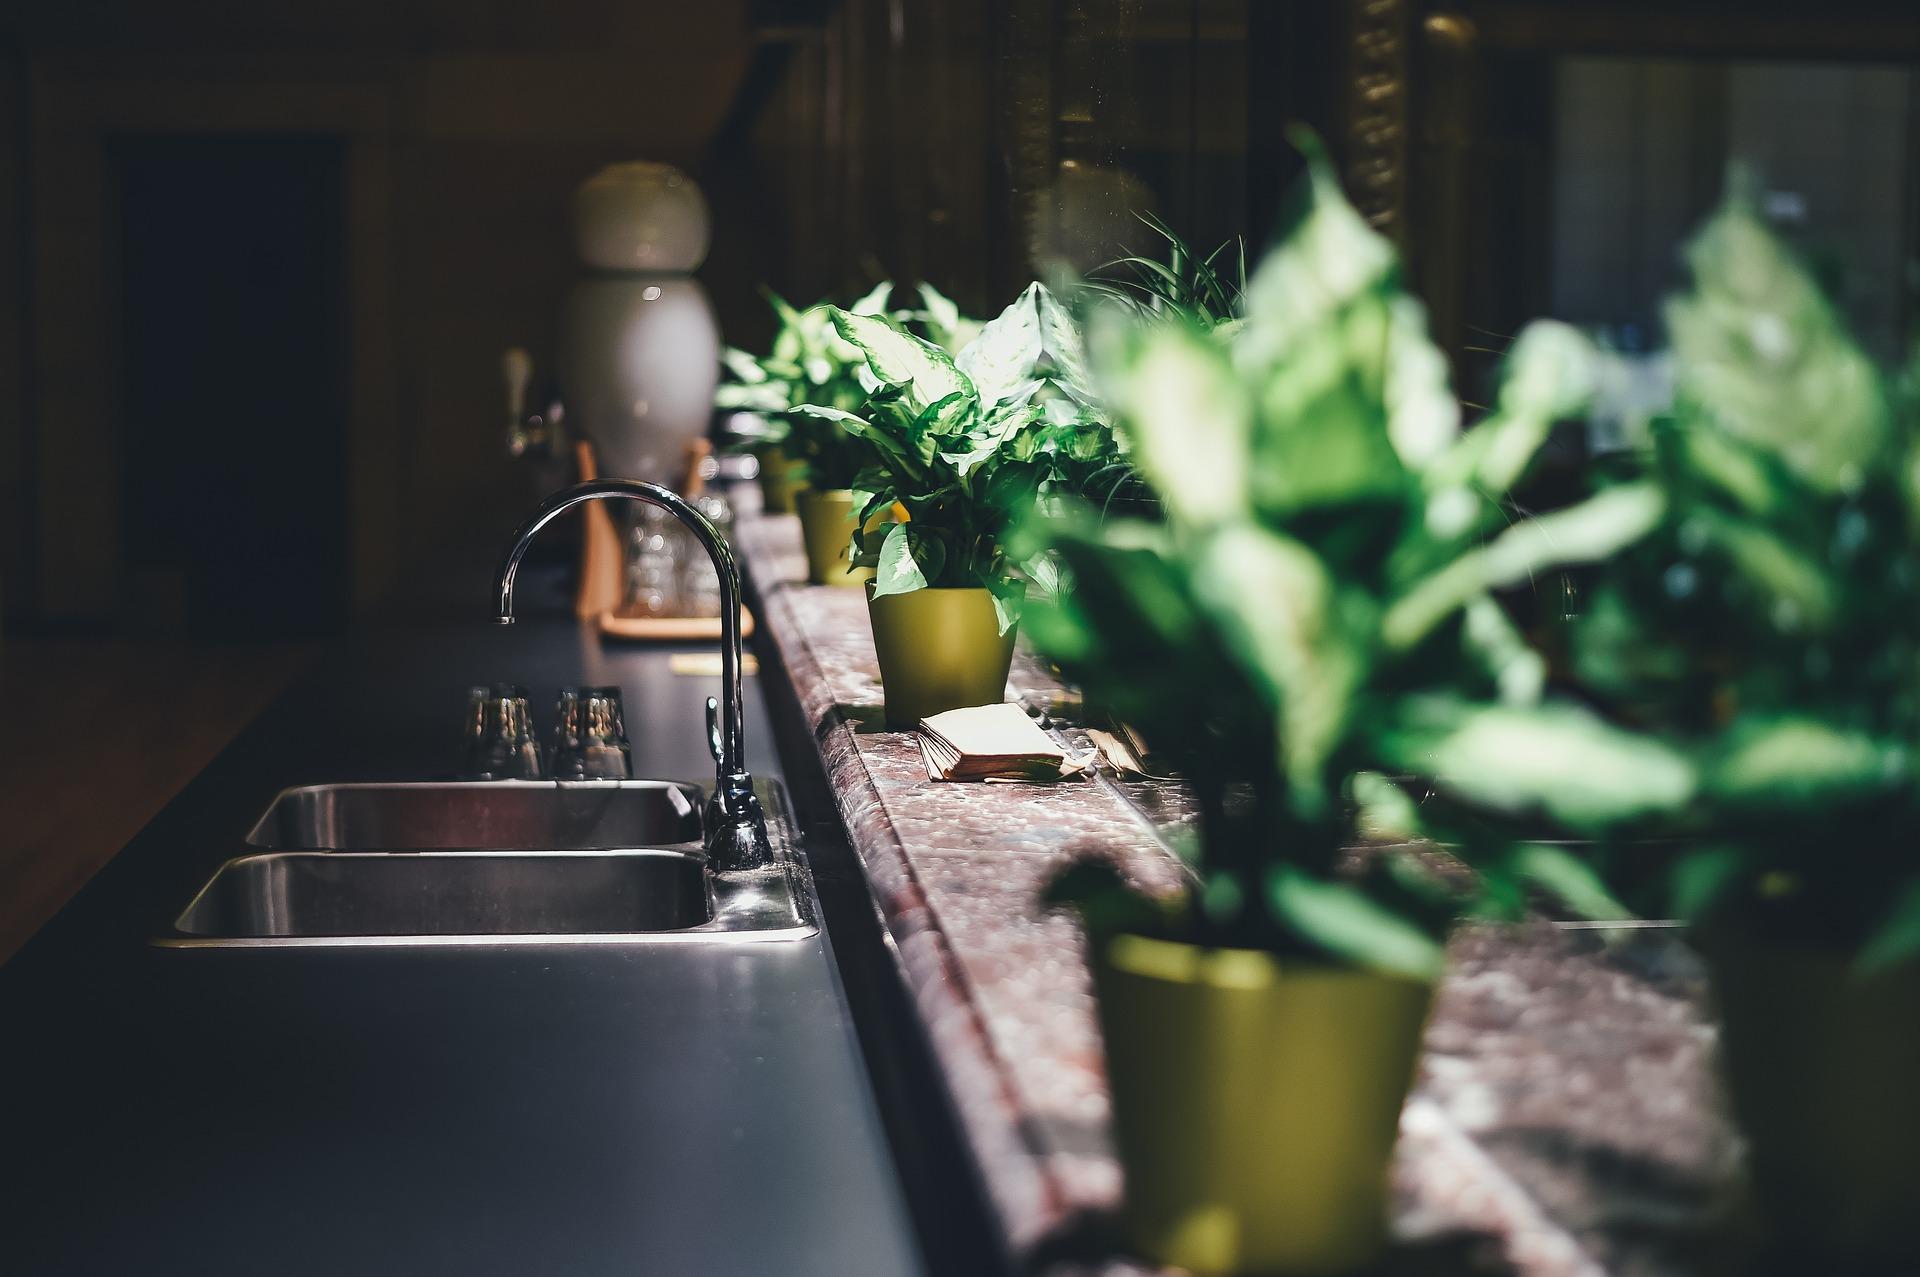 Kuchnia powinna być ergonomiczna